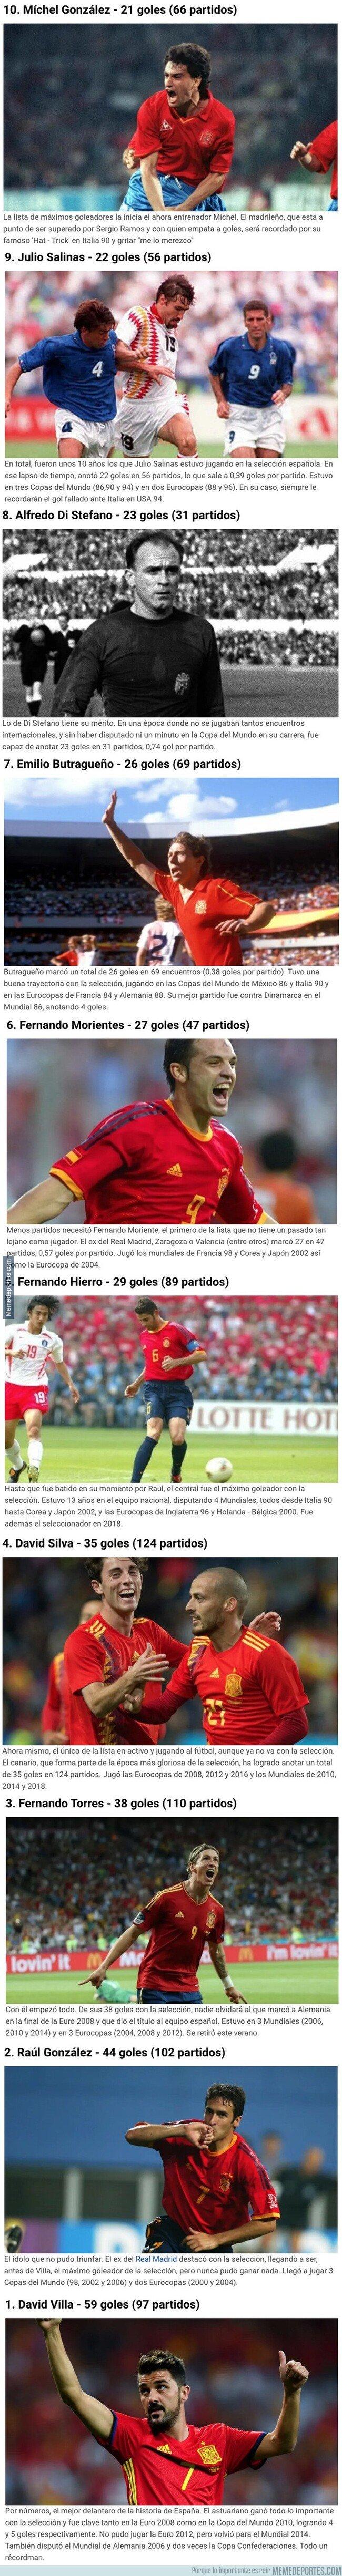 1091023 - Los máximos goleadores de la historia de la selección española